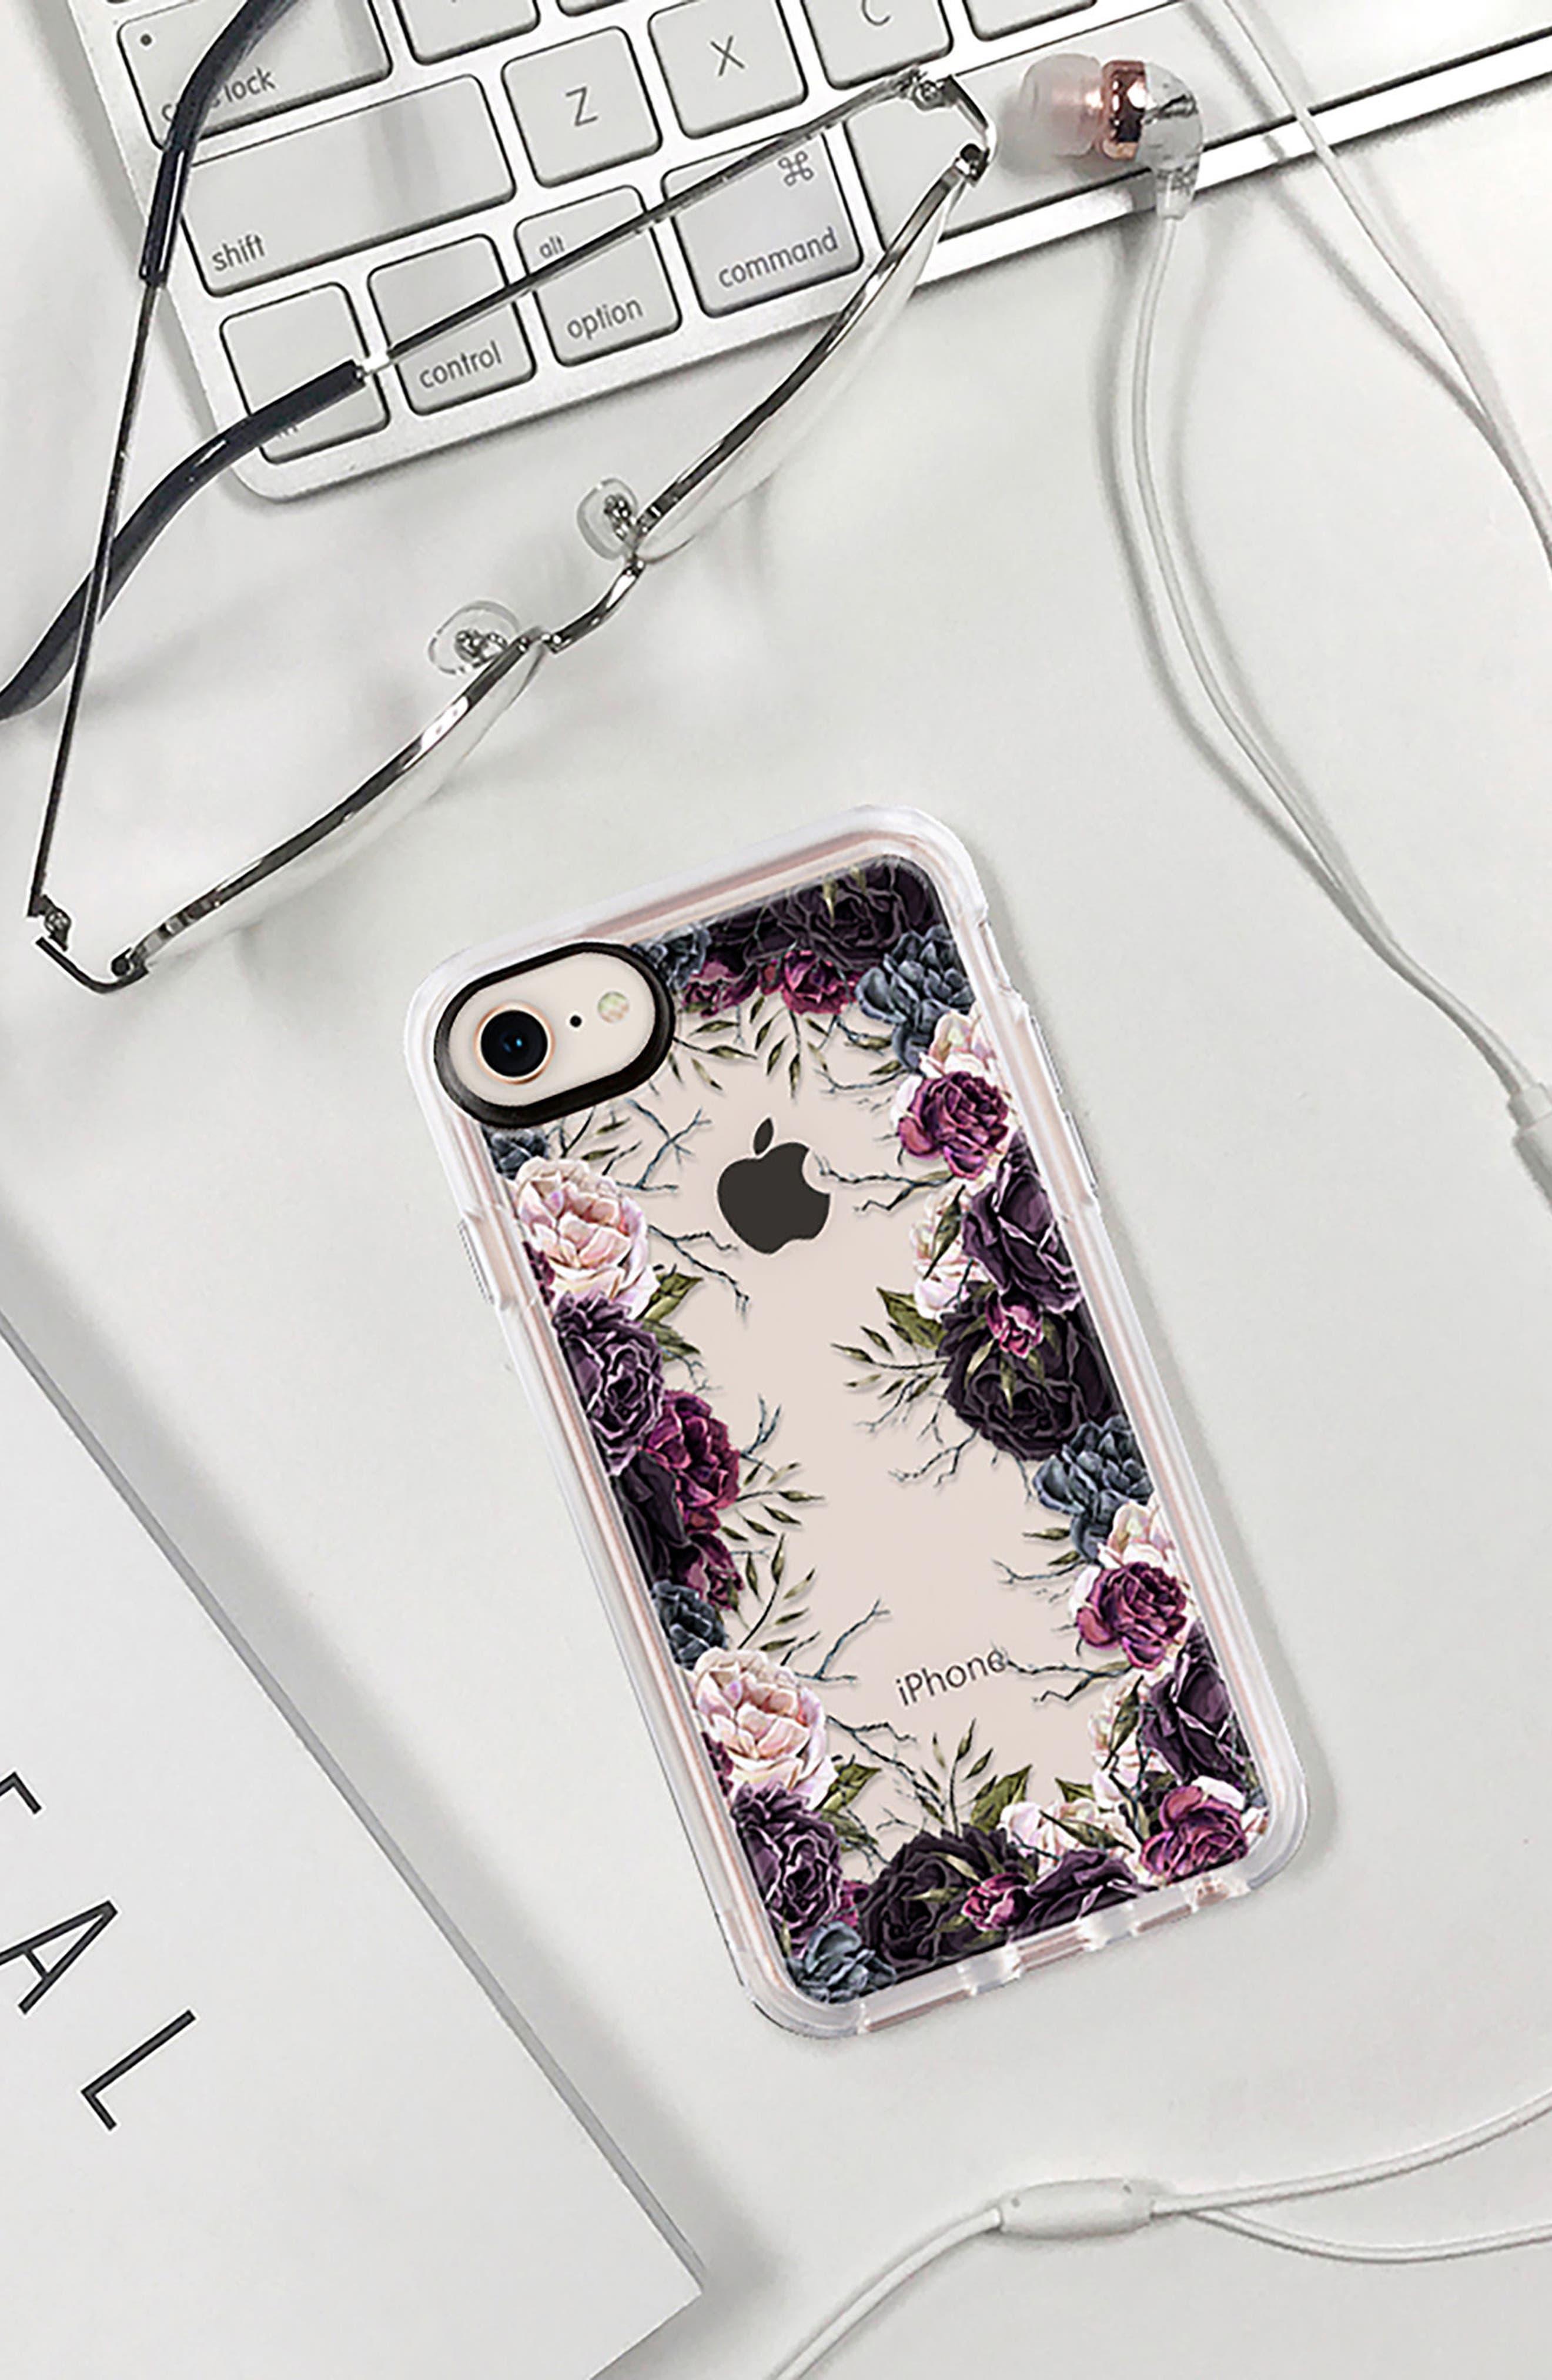 My Secret Garden Transparent iPhone 7/8 & 7/8 Plus Case,                             Alternate thumbnail 8, color,                             PURPLE